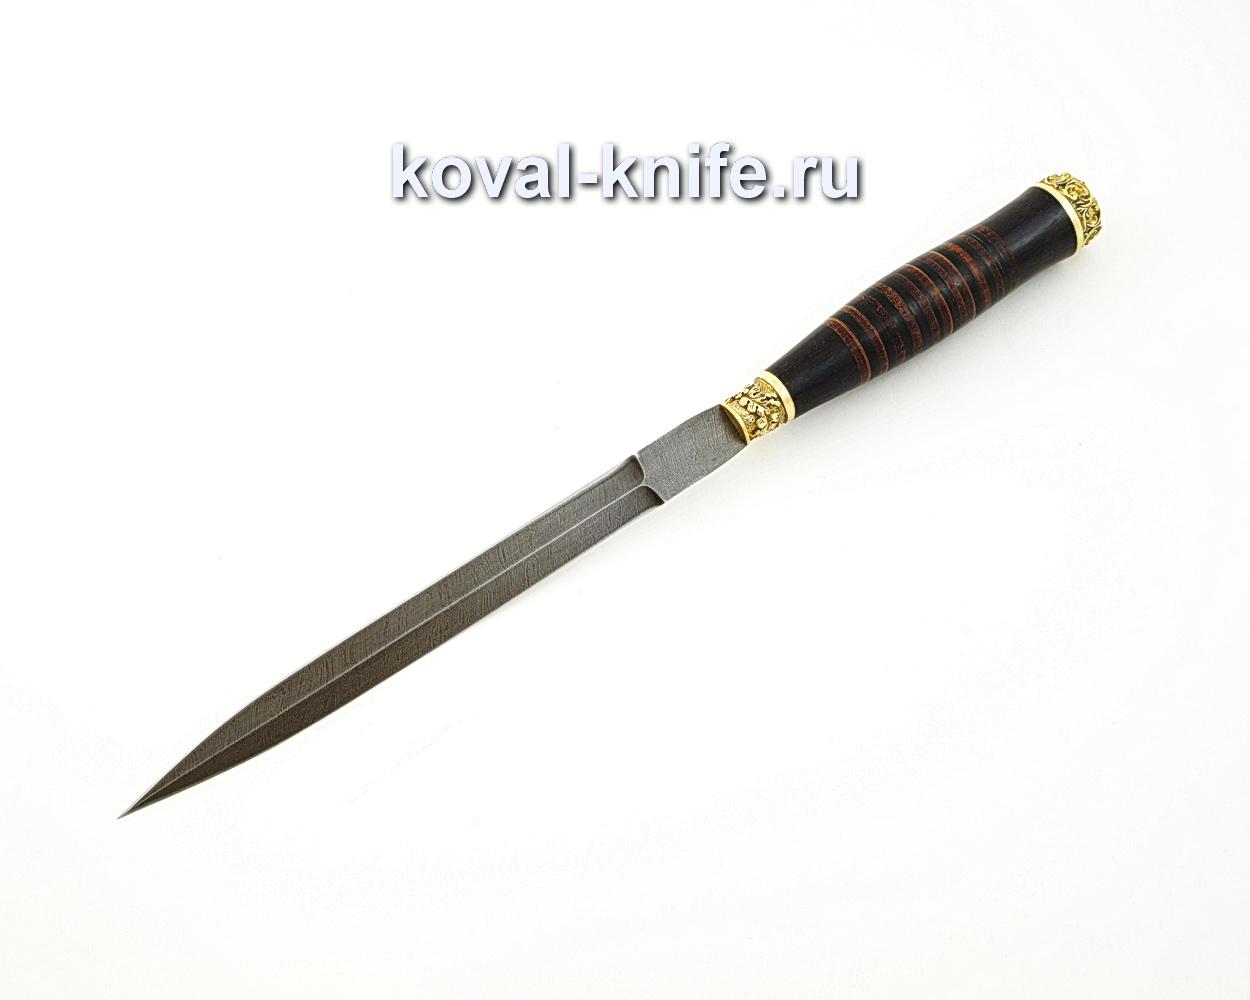 Нож Стилет из дамасской стали (рукоять кожа, литье латунь) A583